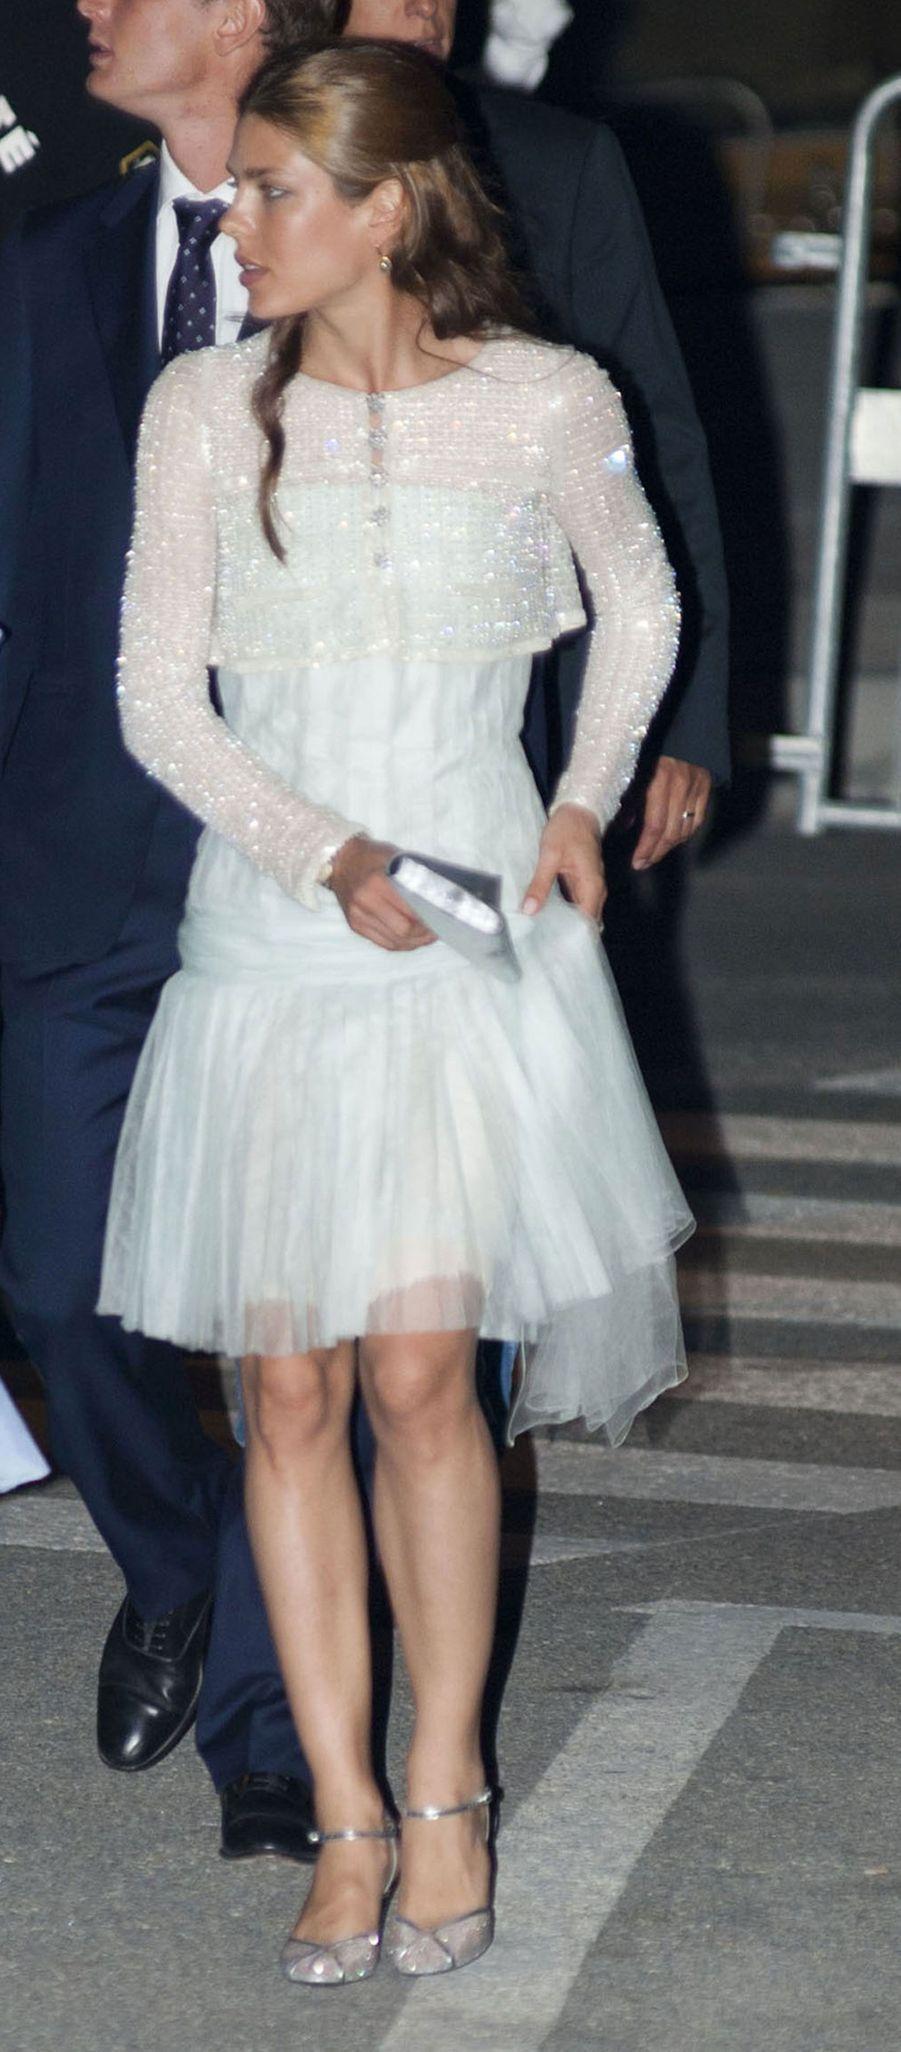 Au mariage de Son Altesse Royale le prince Albert II avec Charlene Wittstock à Monaco, en 2011